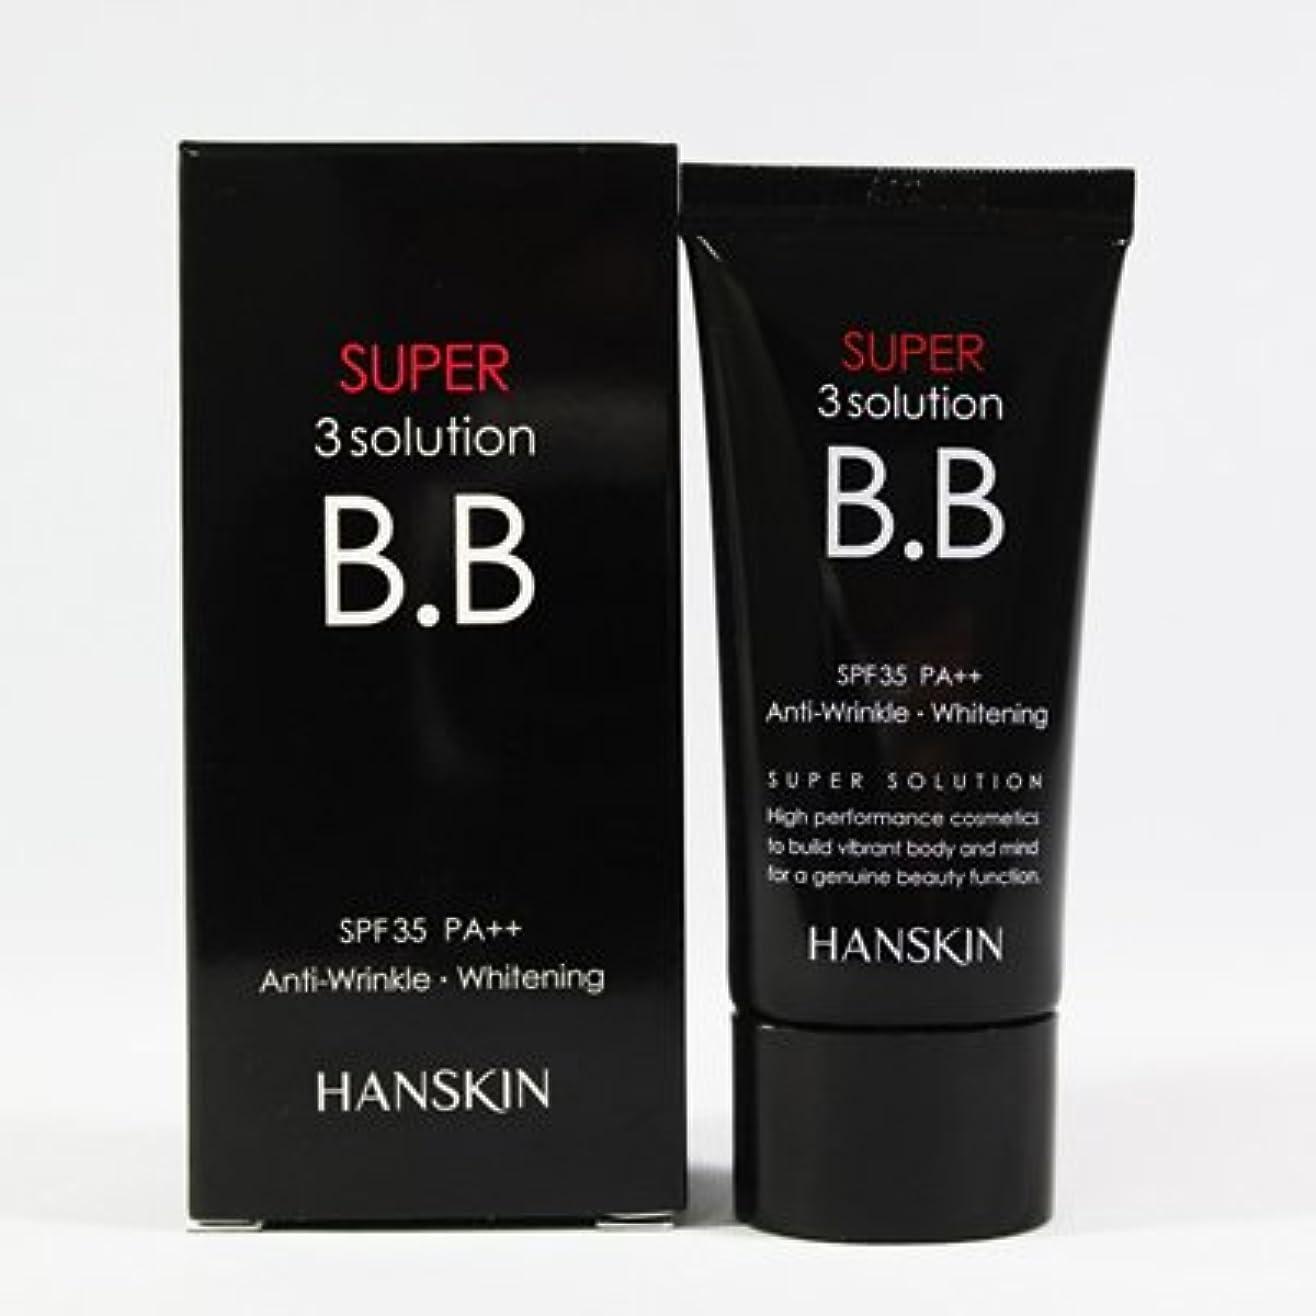 空バッジ自宅でHANSKIN ハンスキン スーパー3ソリューションBBクリーム(30g) (箱無し)